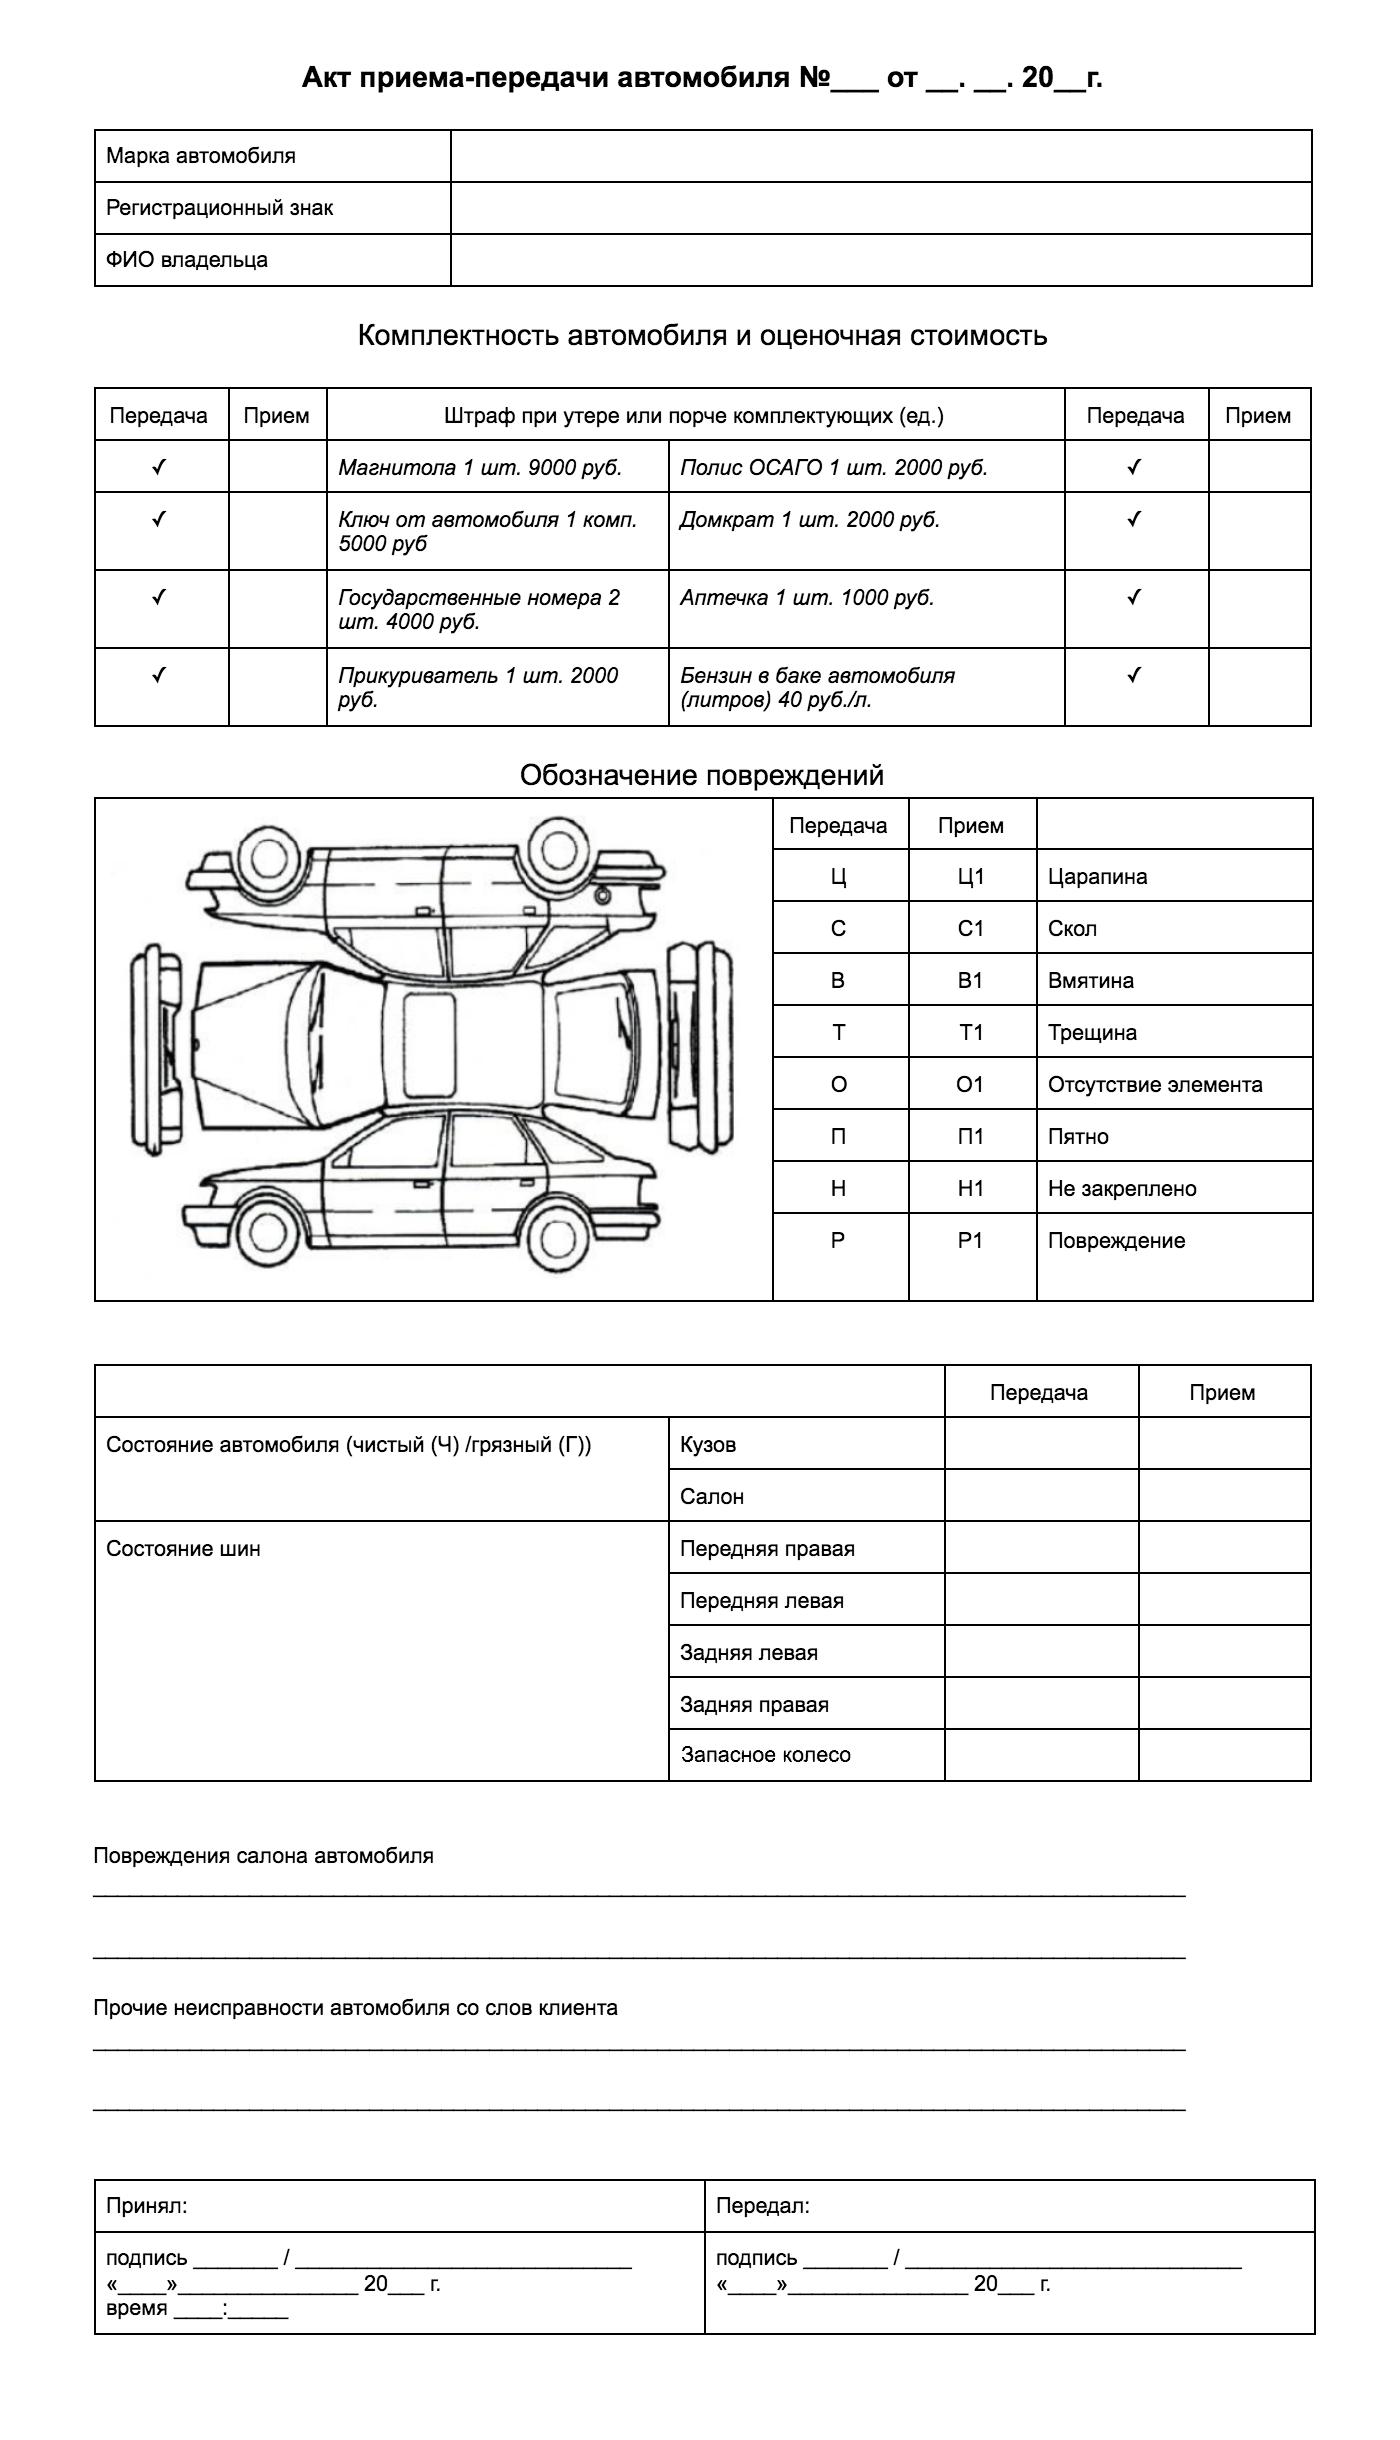 Акт приема-передачи автомобиля в ремонт